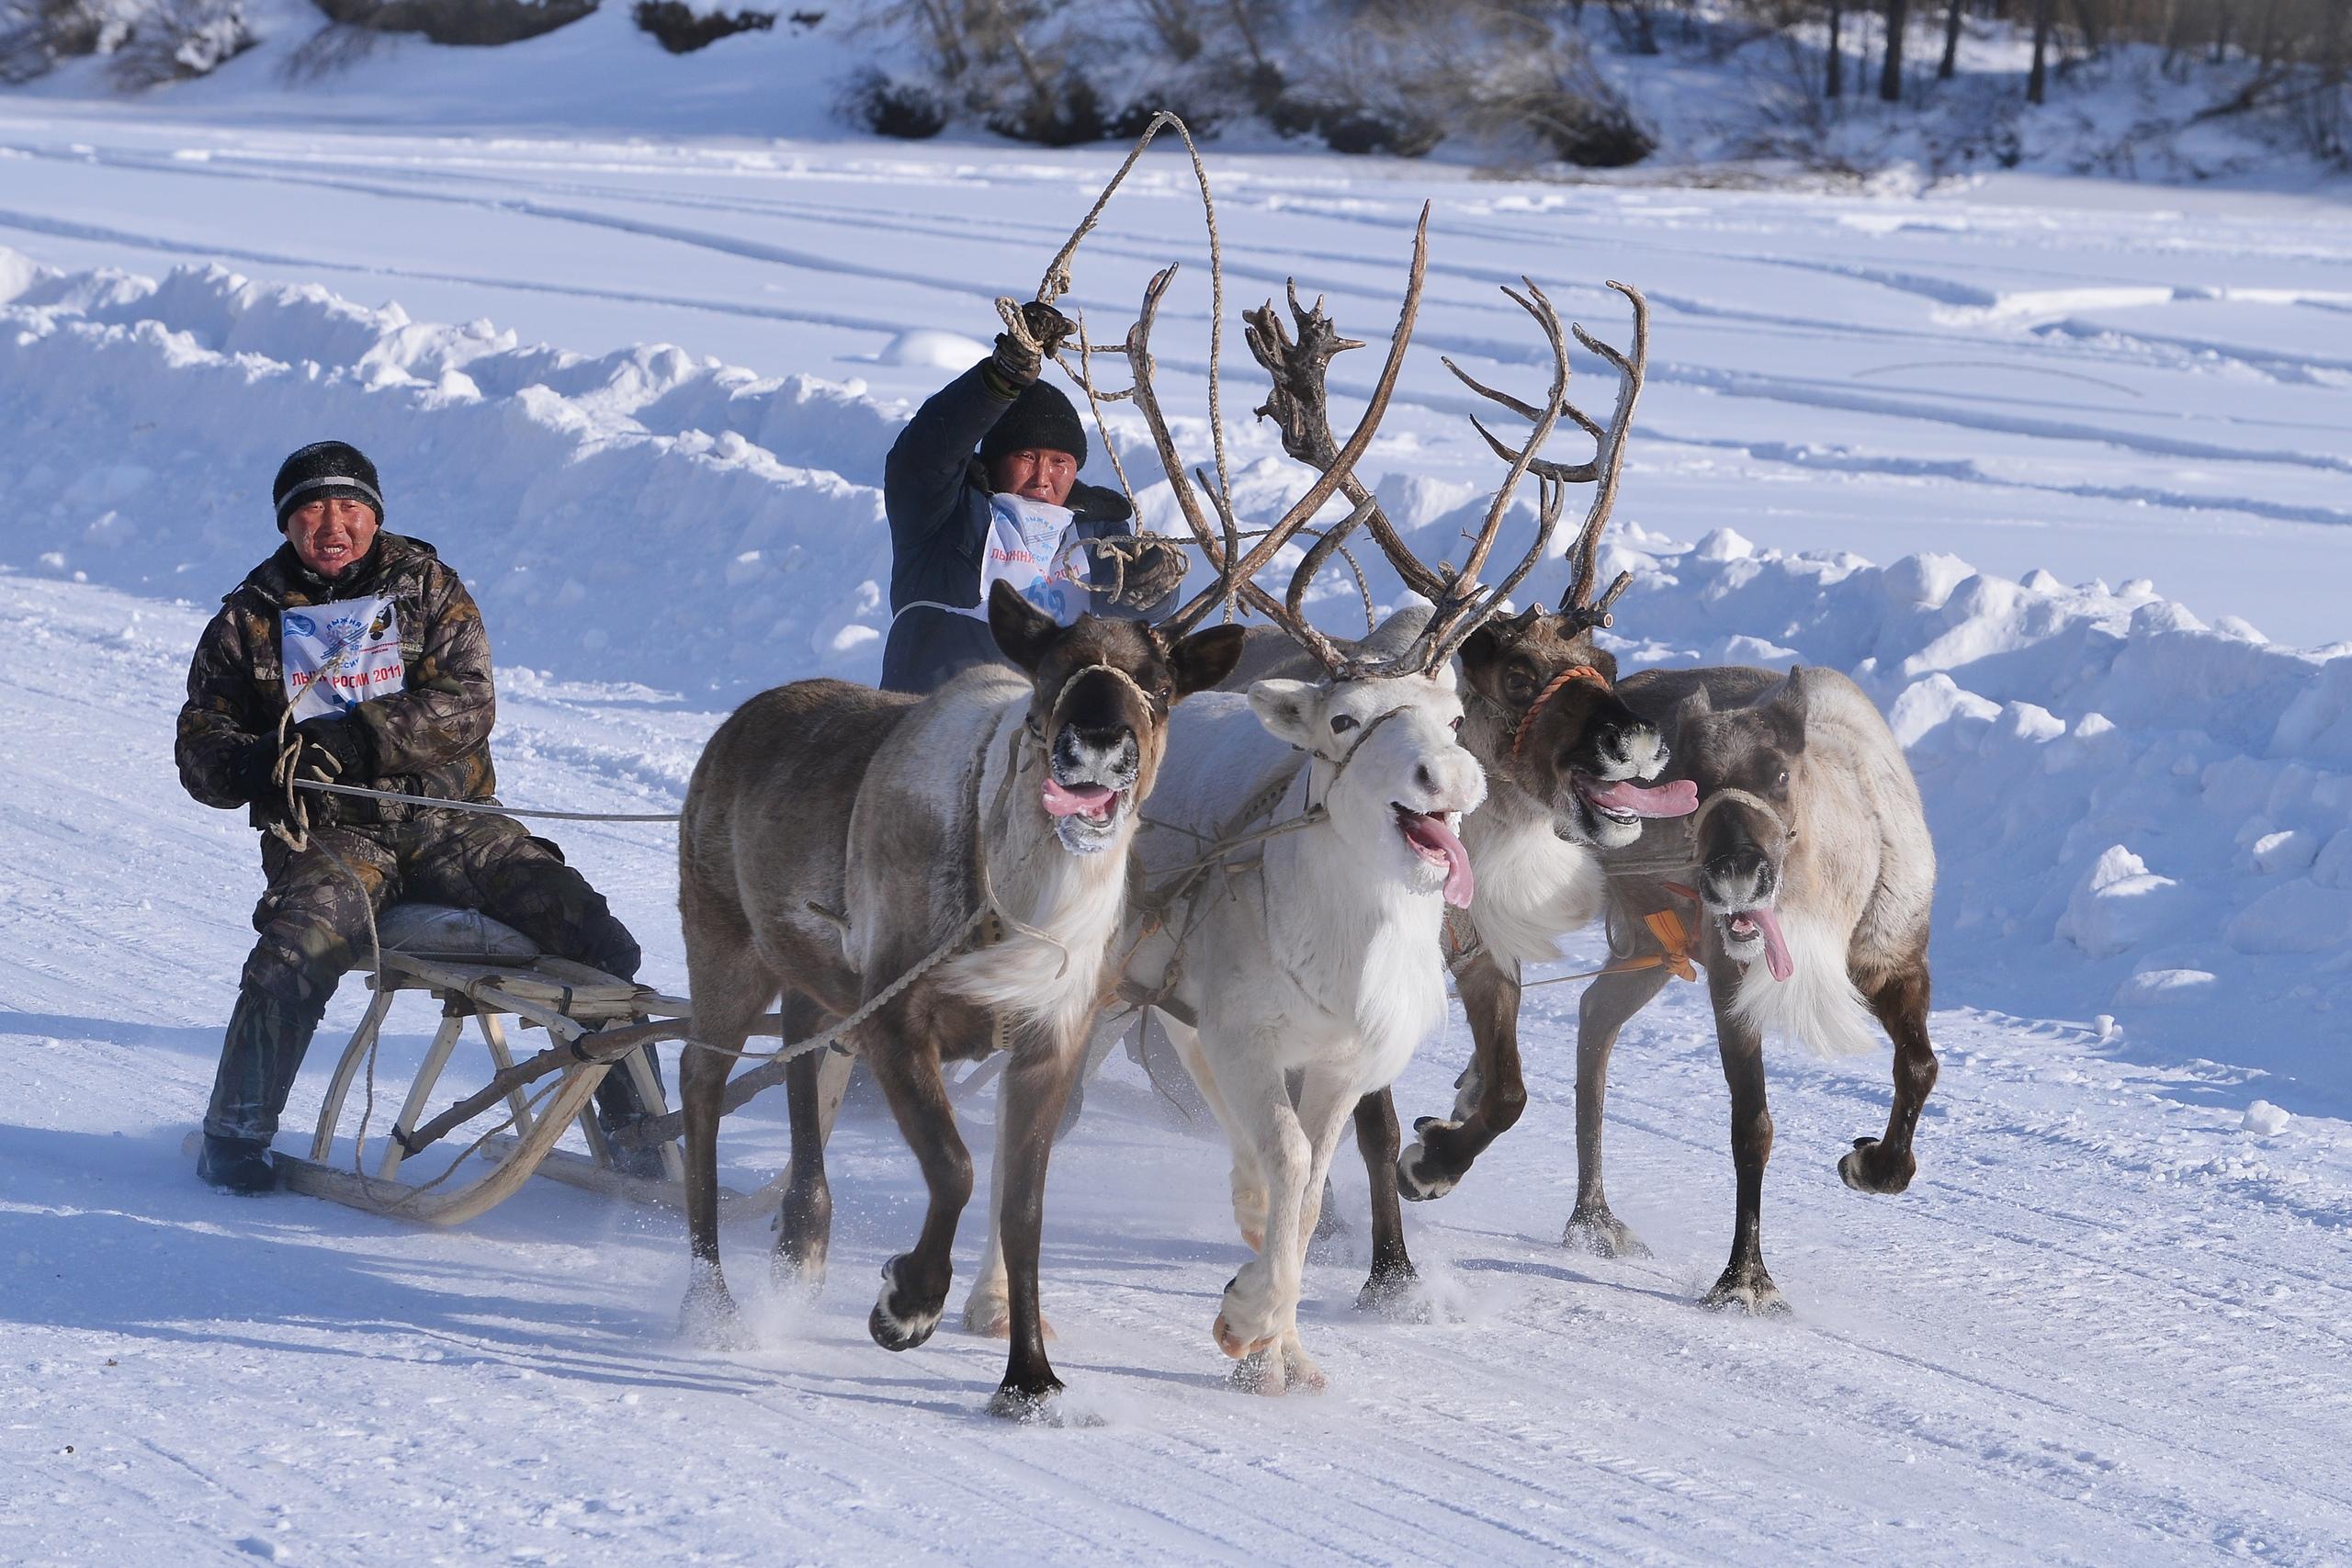 Маршрут «Добро пожаловать в Якутию!» вошел в десятку лучших этно-маршрутов России